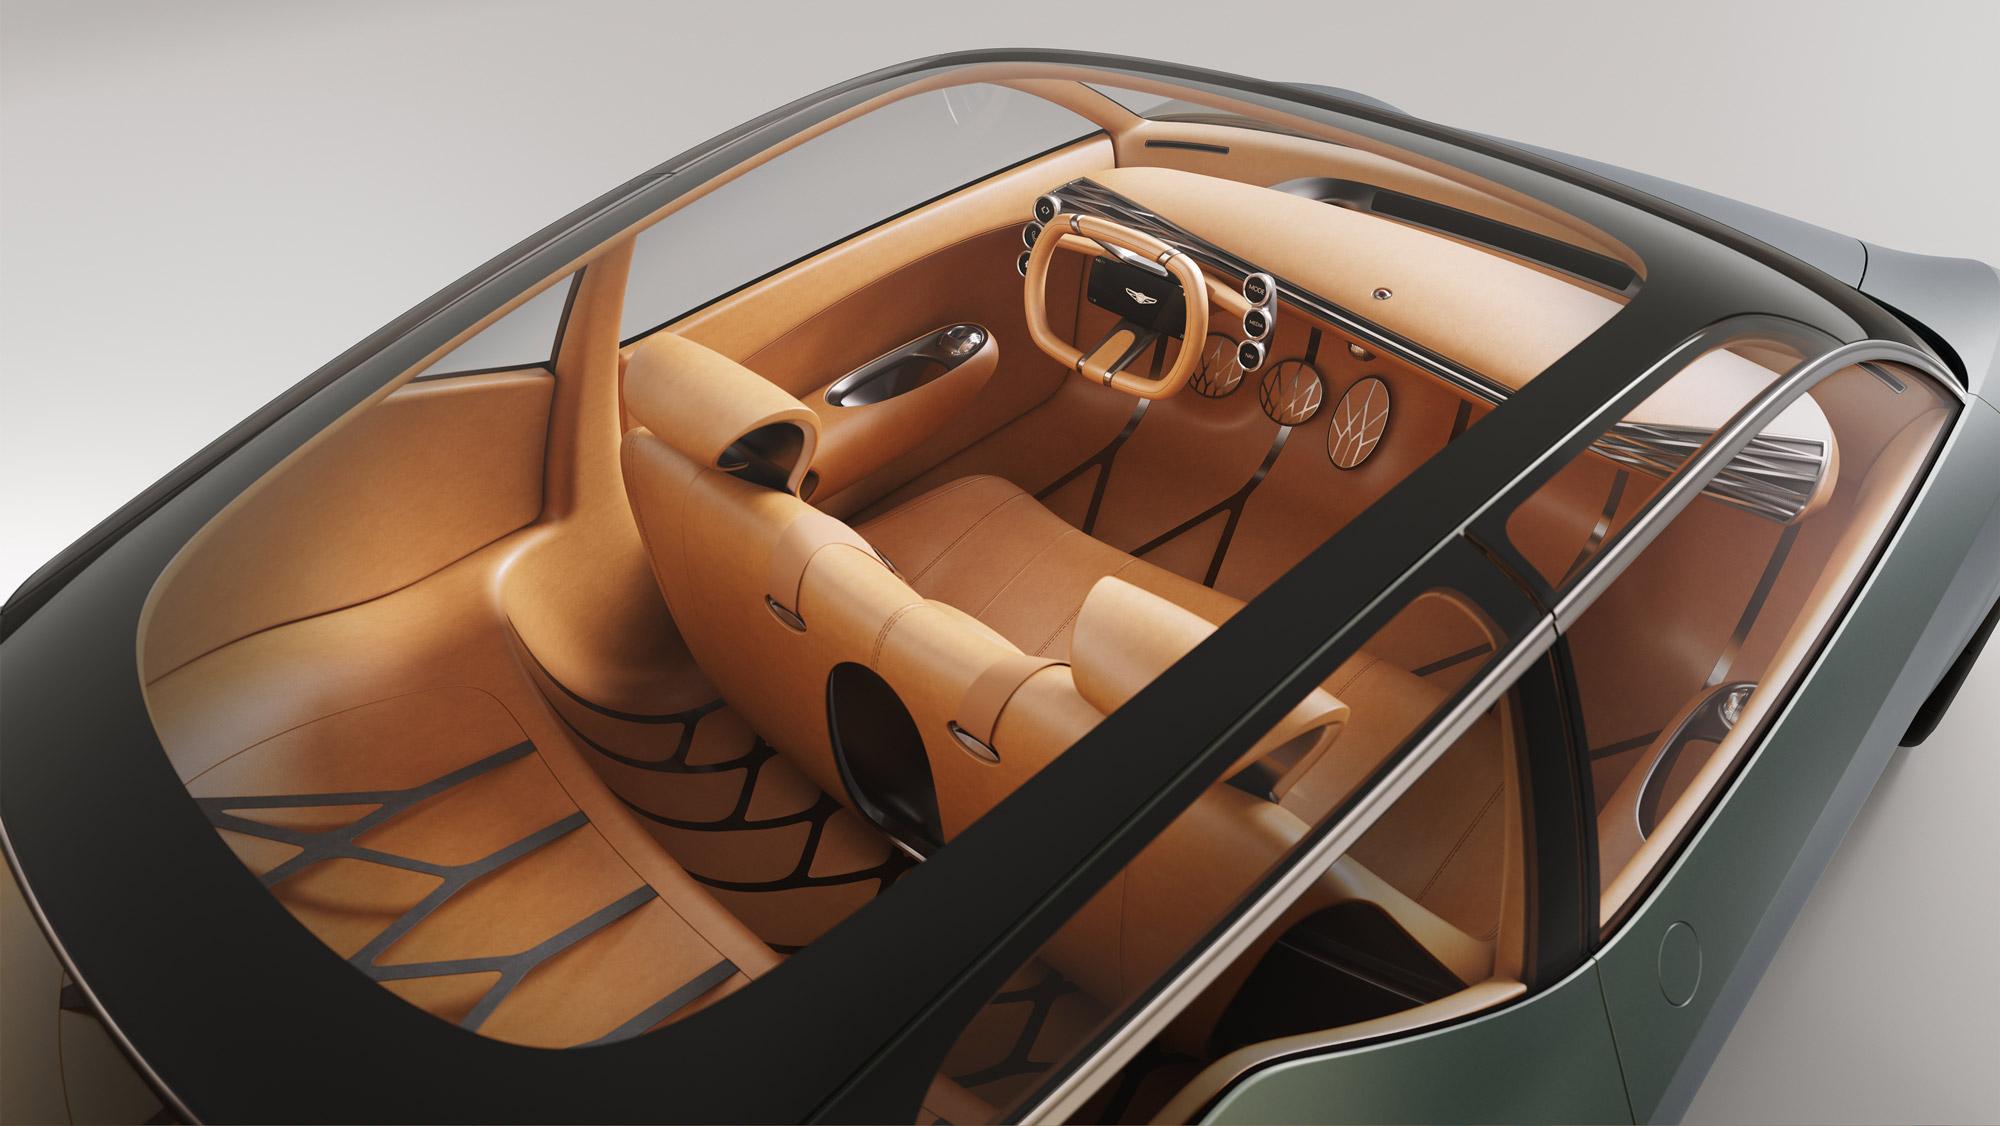 3D - Mint concept - Interior - Top